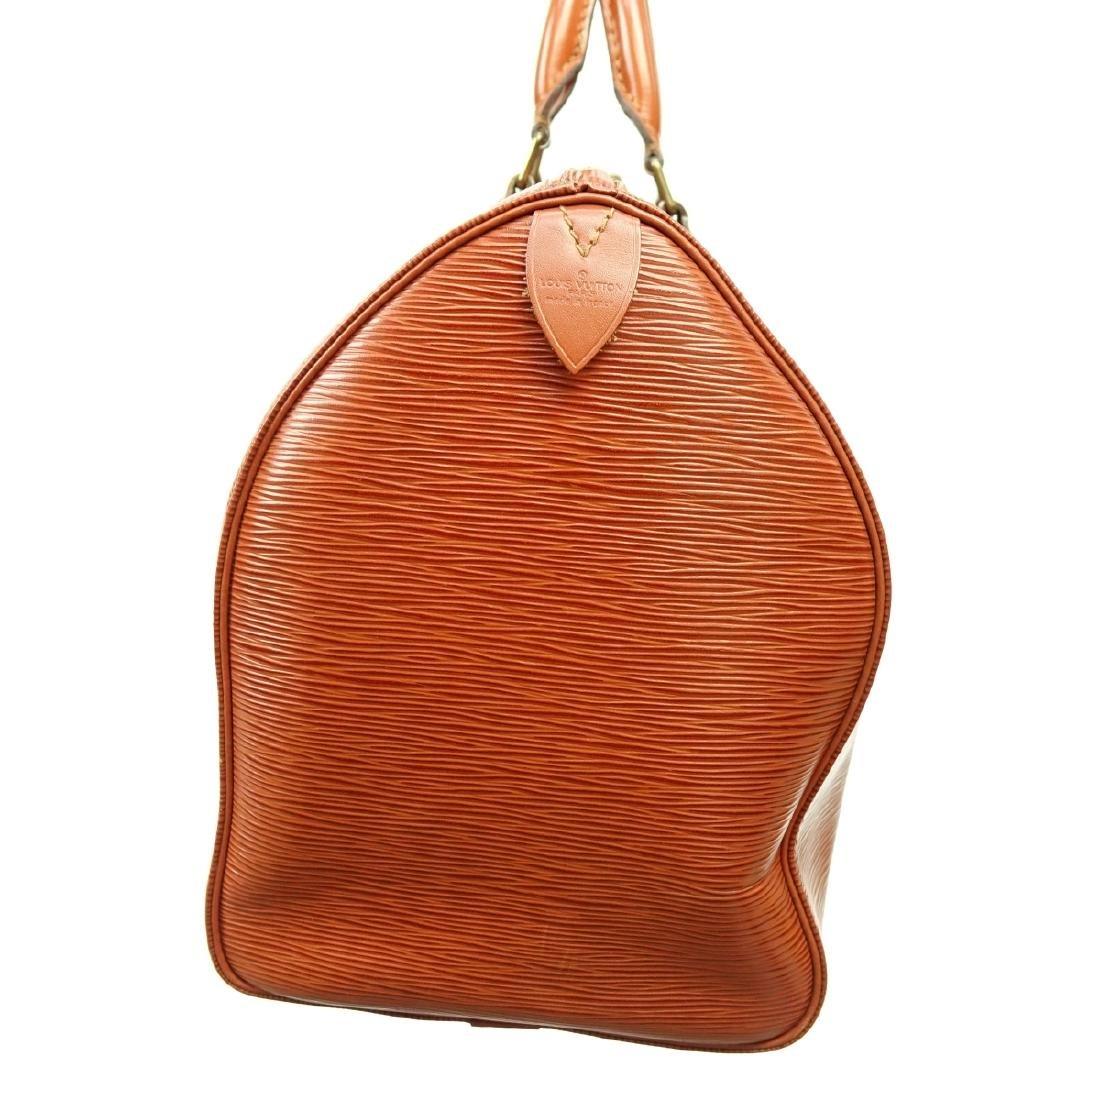 Louis Vuitton Tan Epi Leather Speedy 40 Bag - 4